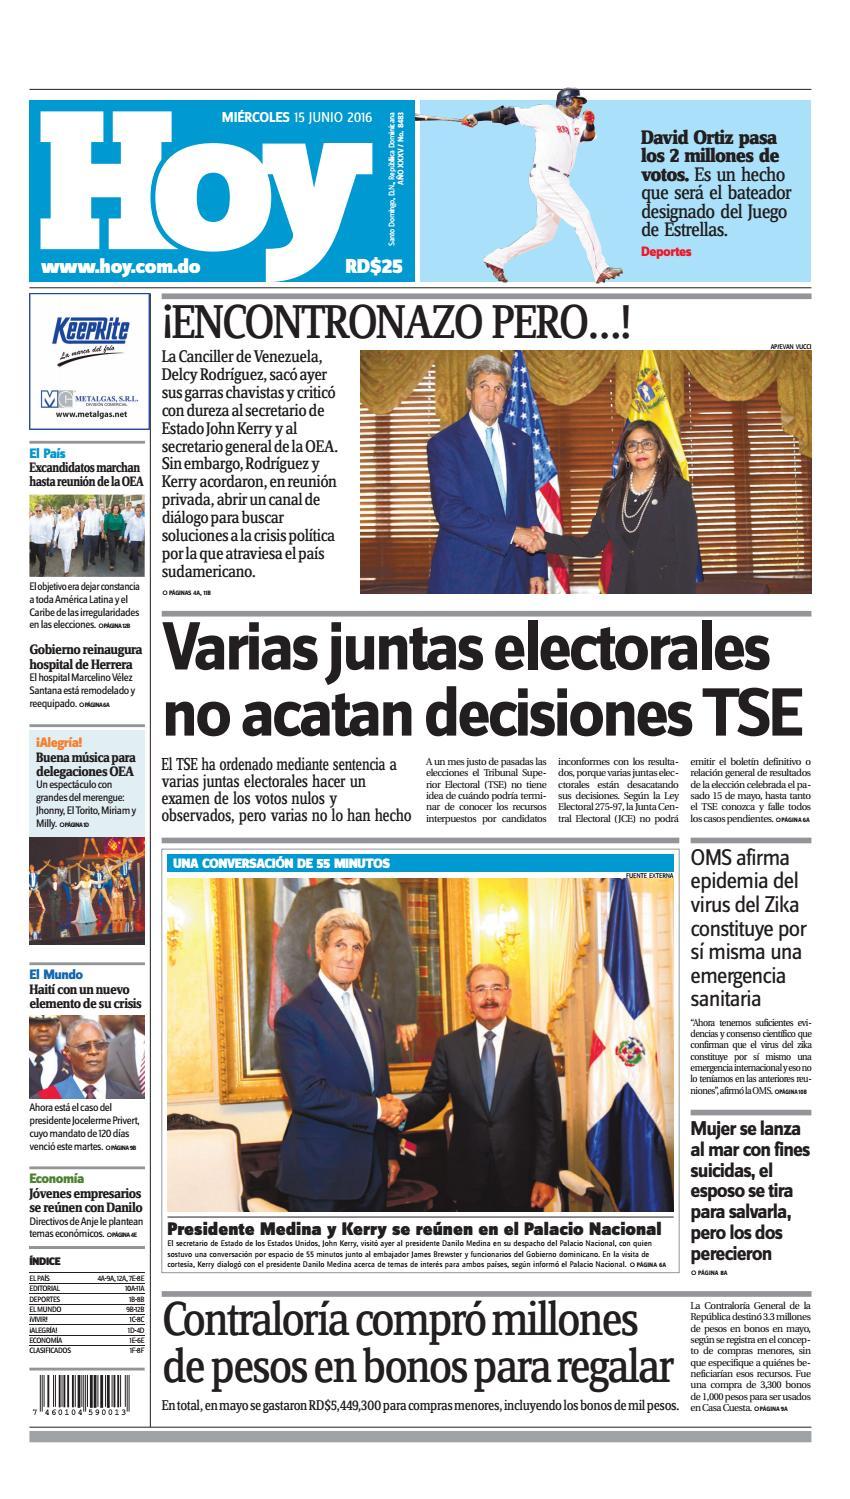 Periódico 15 de junio, 2016 by Periodico Hoy - issuu